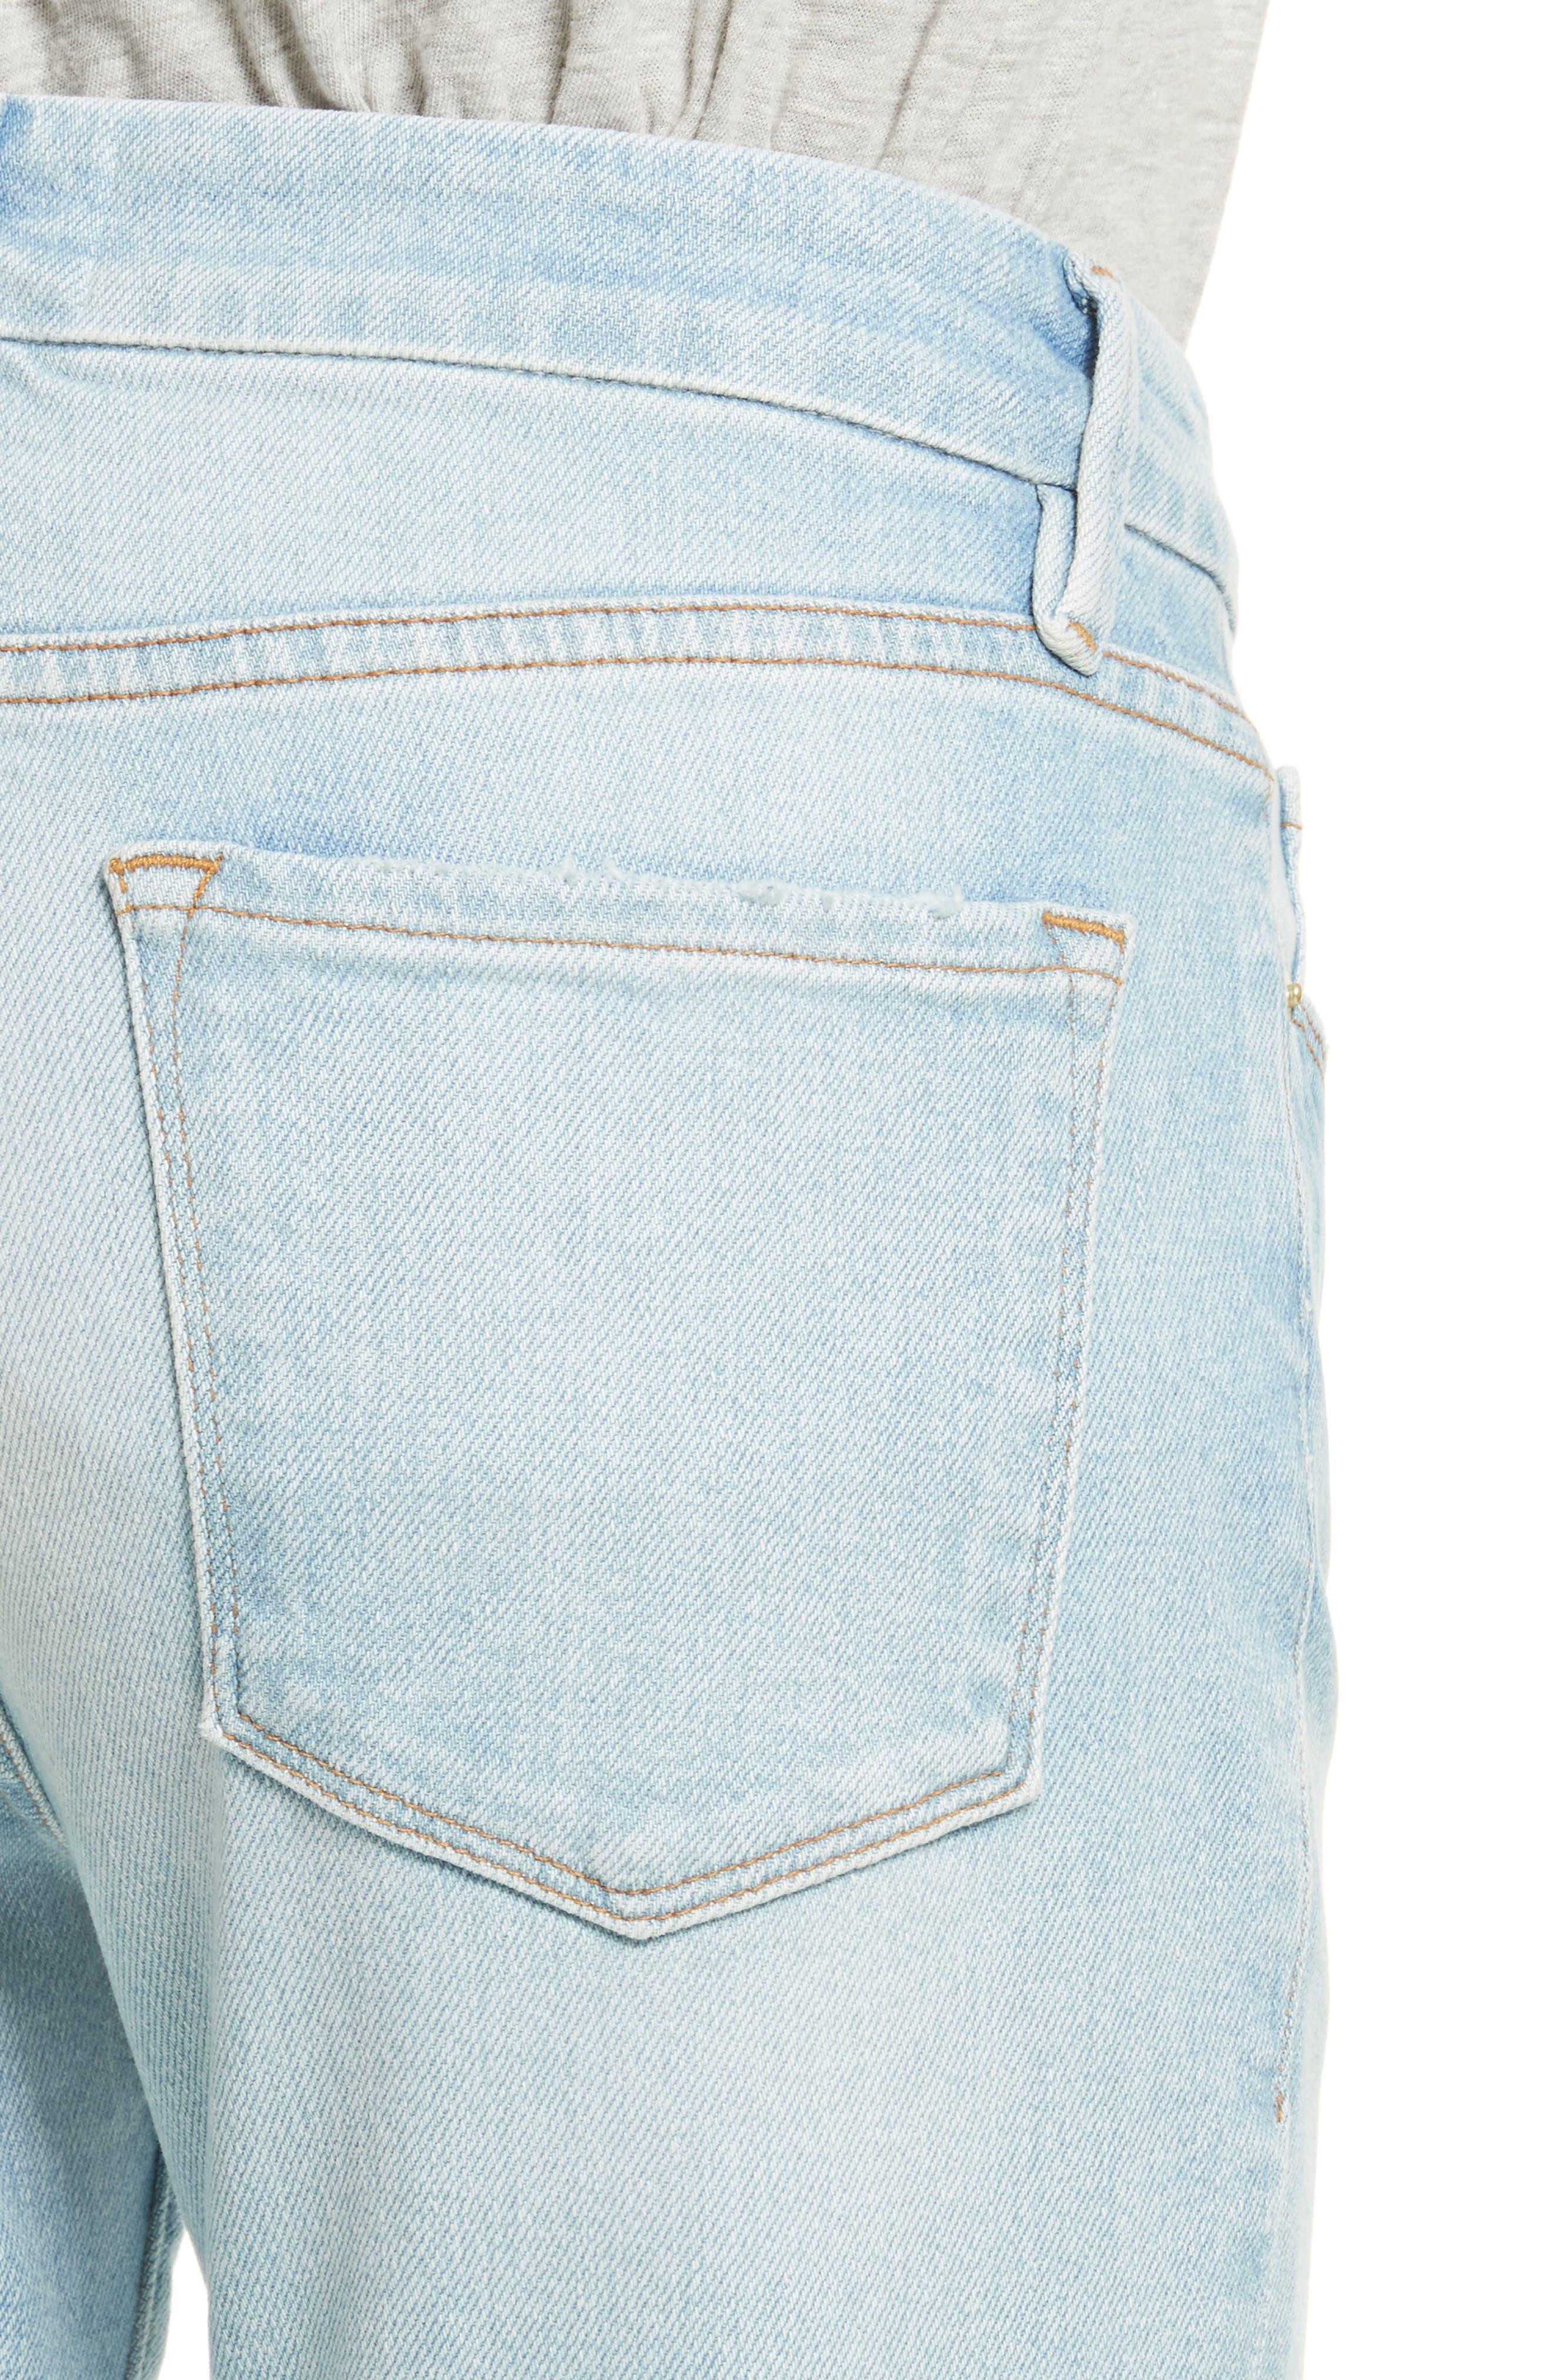 Le Crop Mini Boot Jeans,                             Alternate thumbnail 4, color,